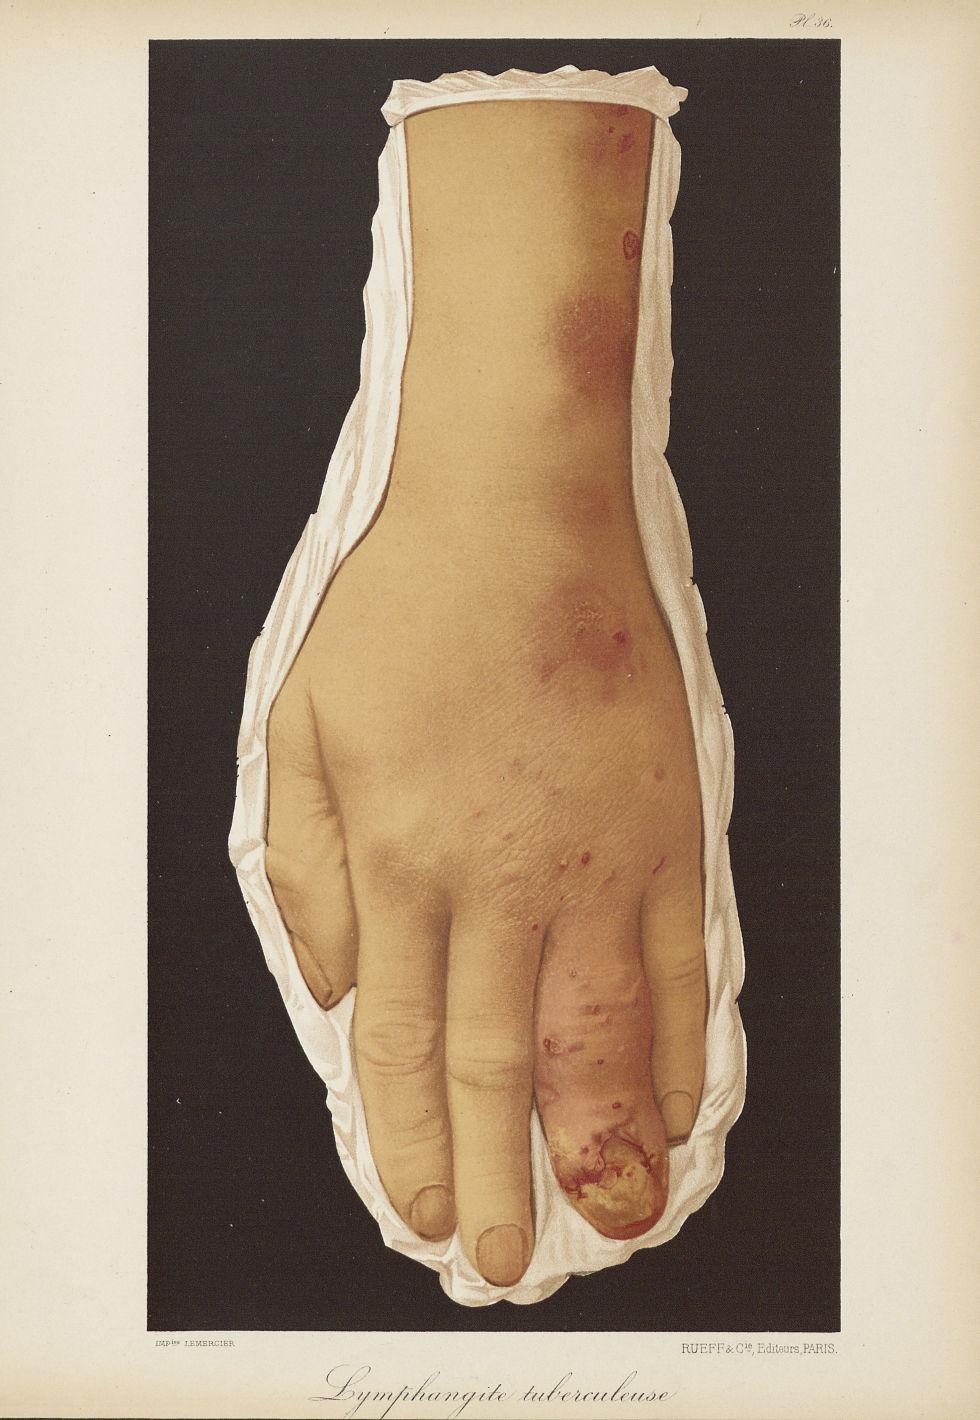 Lymphangite tuberculeuse - Le musée de l'hôpital Saint-Louis : iconographie des maladies cutanées et [...] - Dermatologie (peau). Avant-bras. Poignets, mains. 19e siècle (France) - med01740x0278